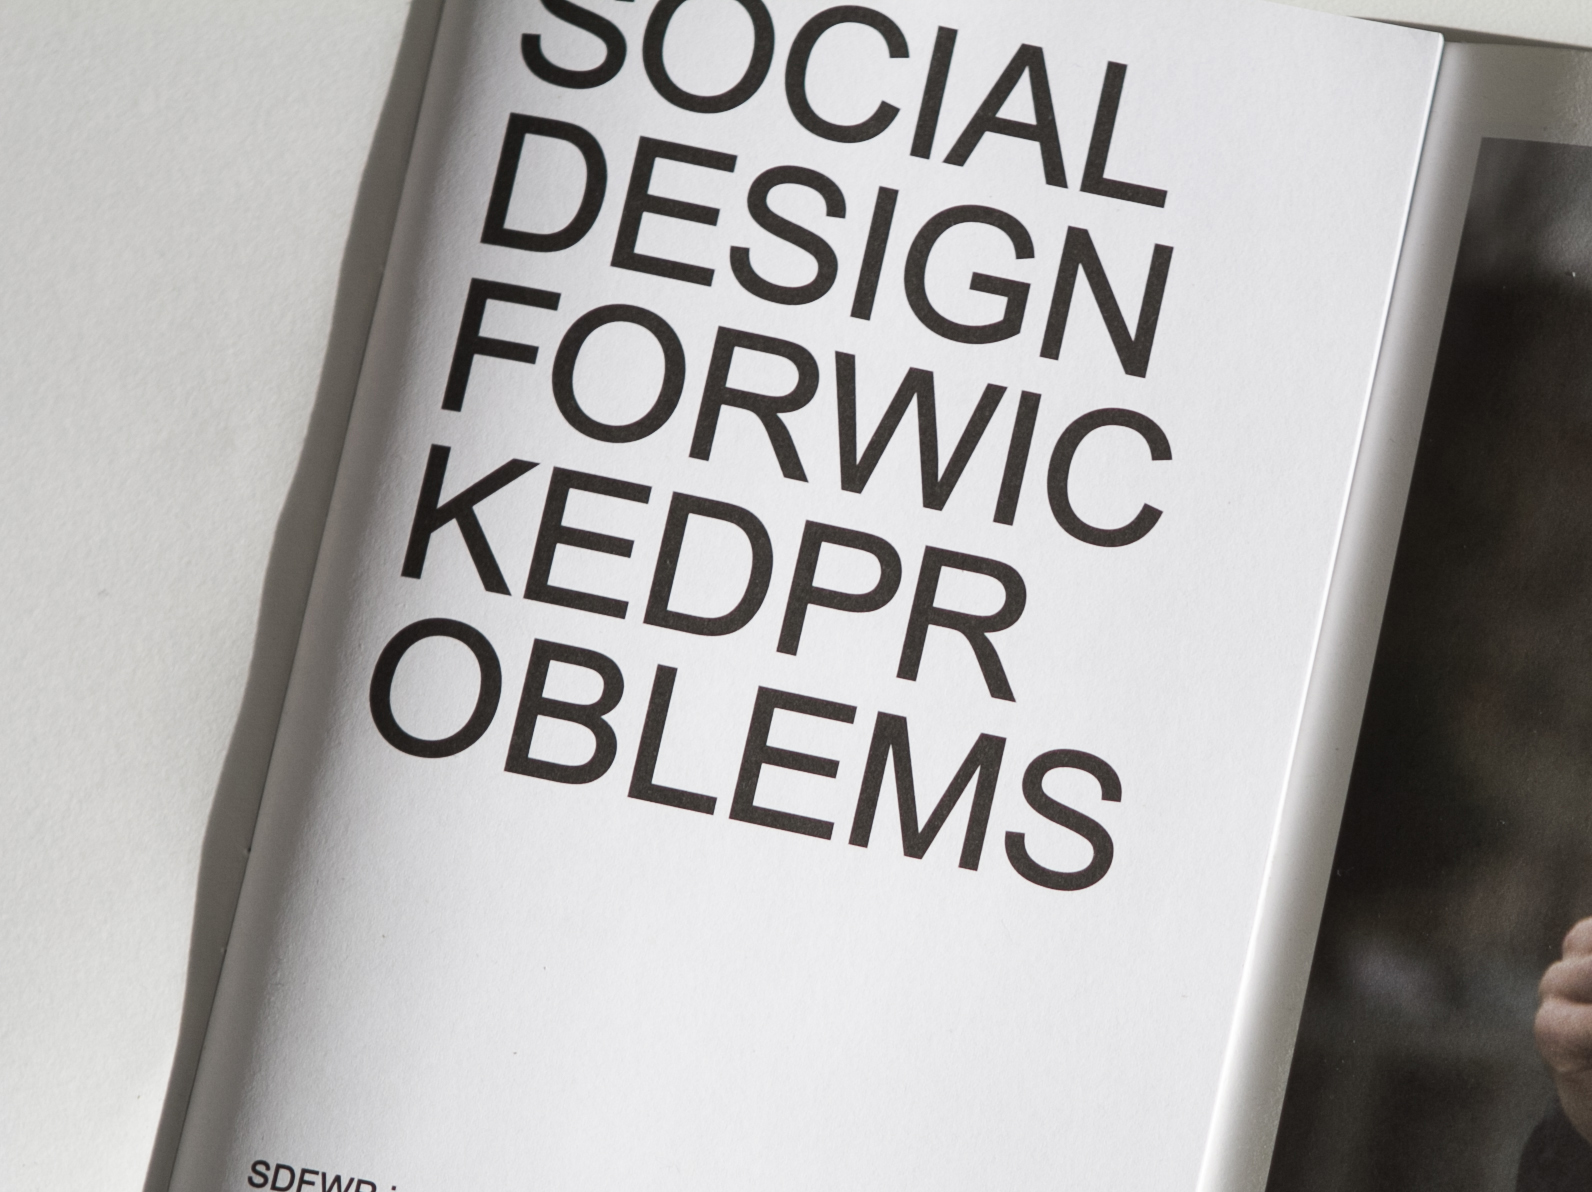 Het Nieuwe Instituut / Twynstra Gudde - Social Design